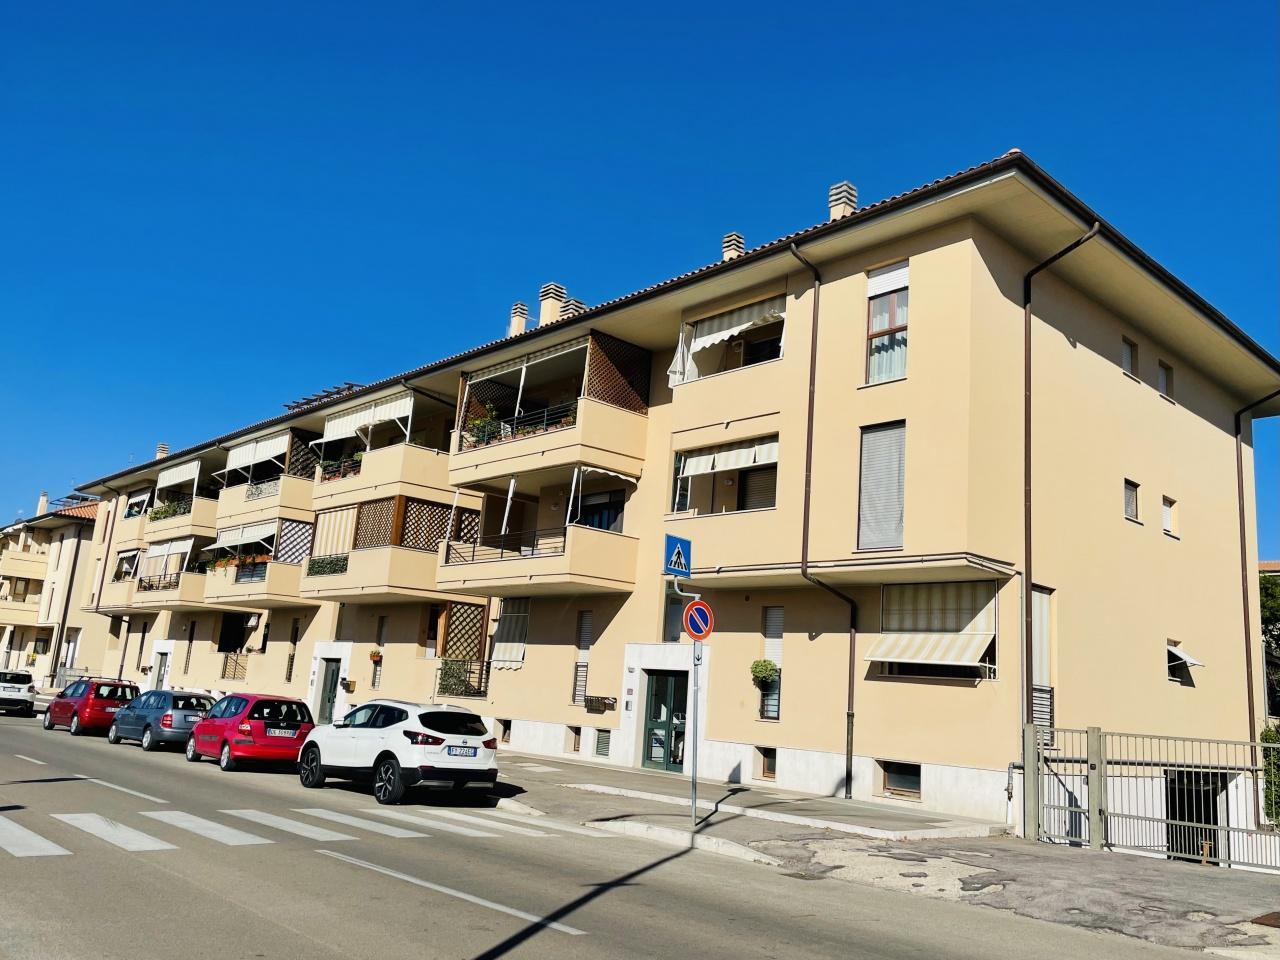 Appartamento in vendita a Grosseto, 25 locali, prezzo € 150.000 | PortaleAgenzieImmobiliari.it